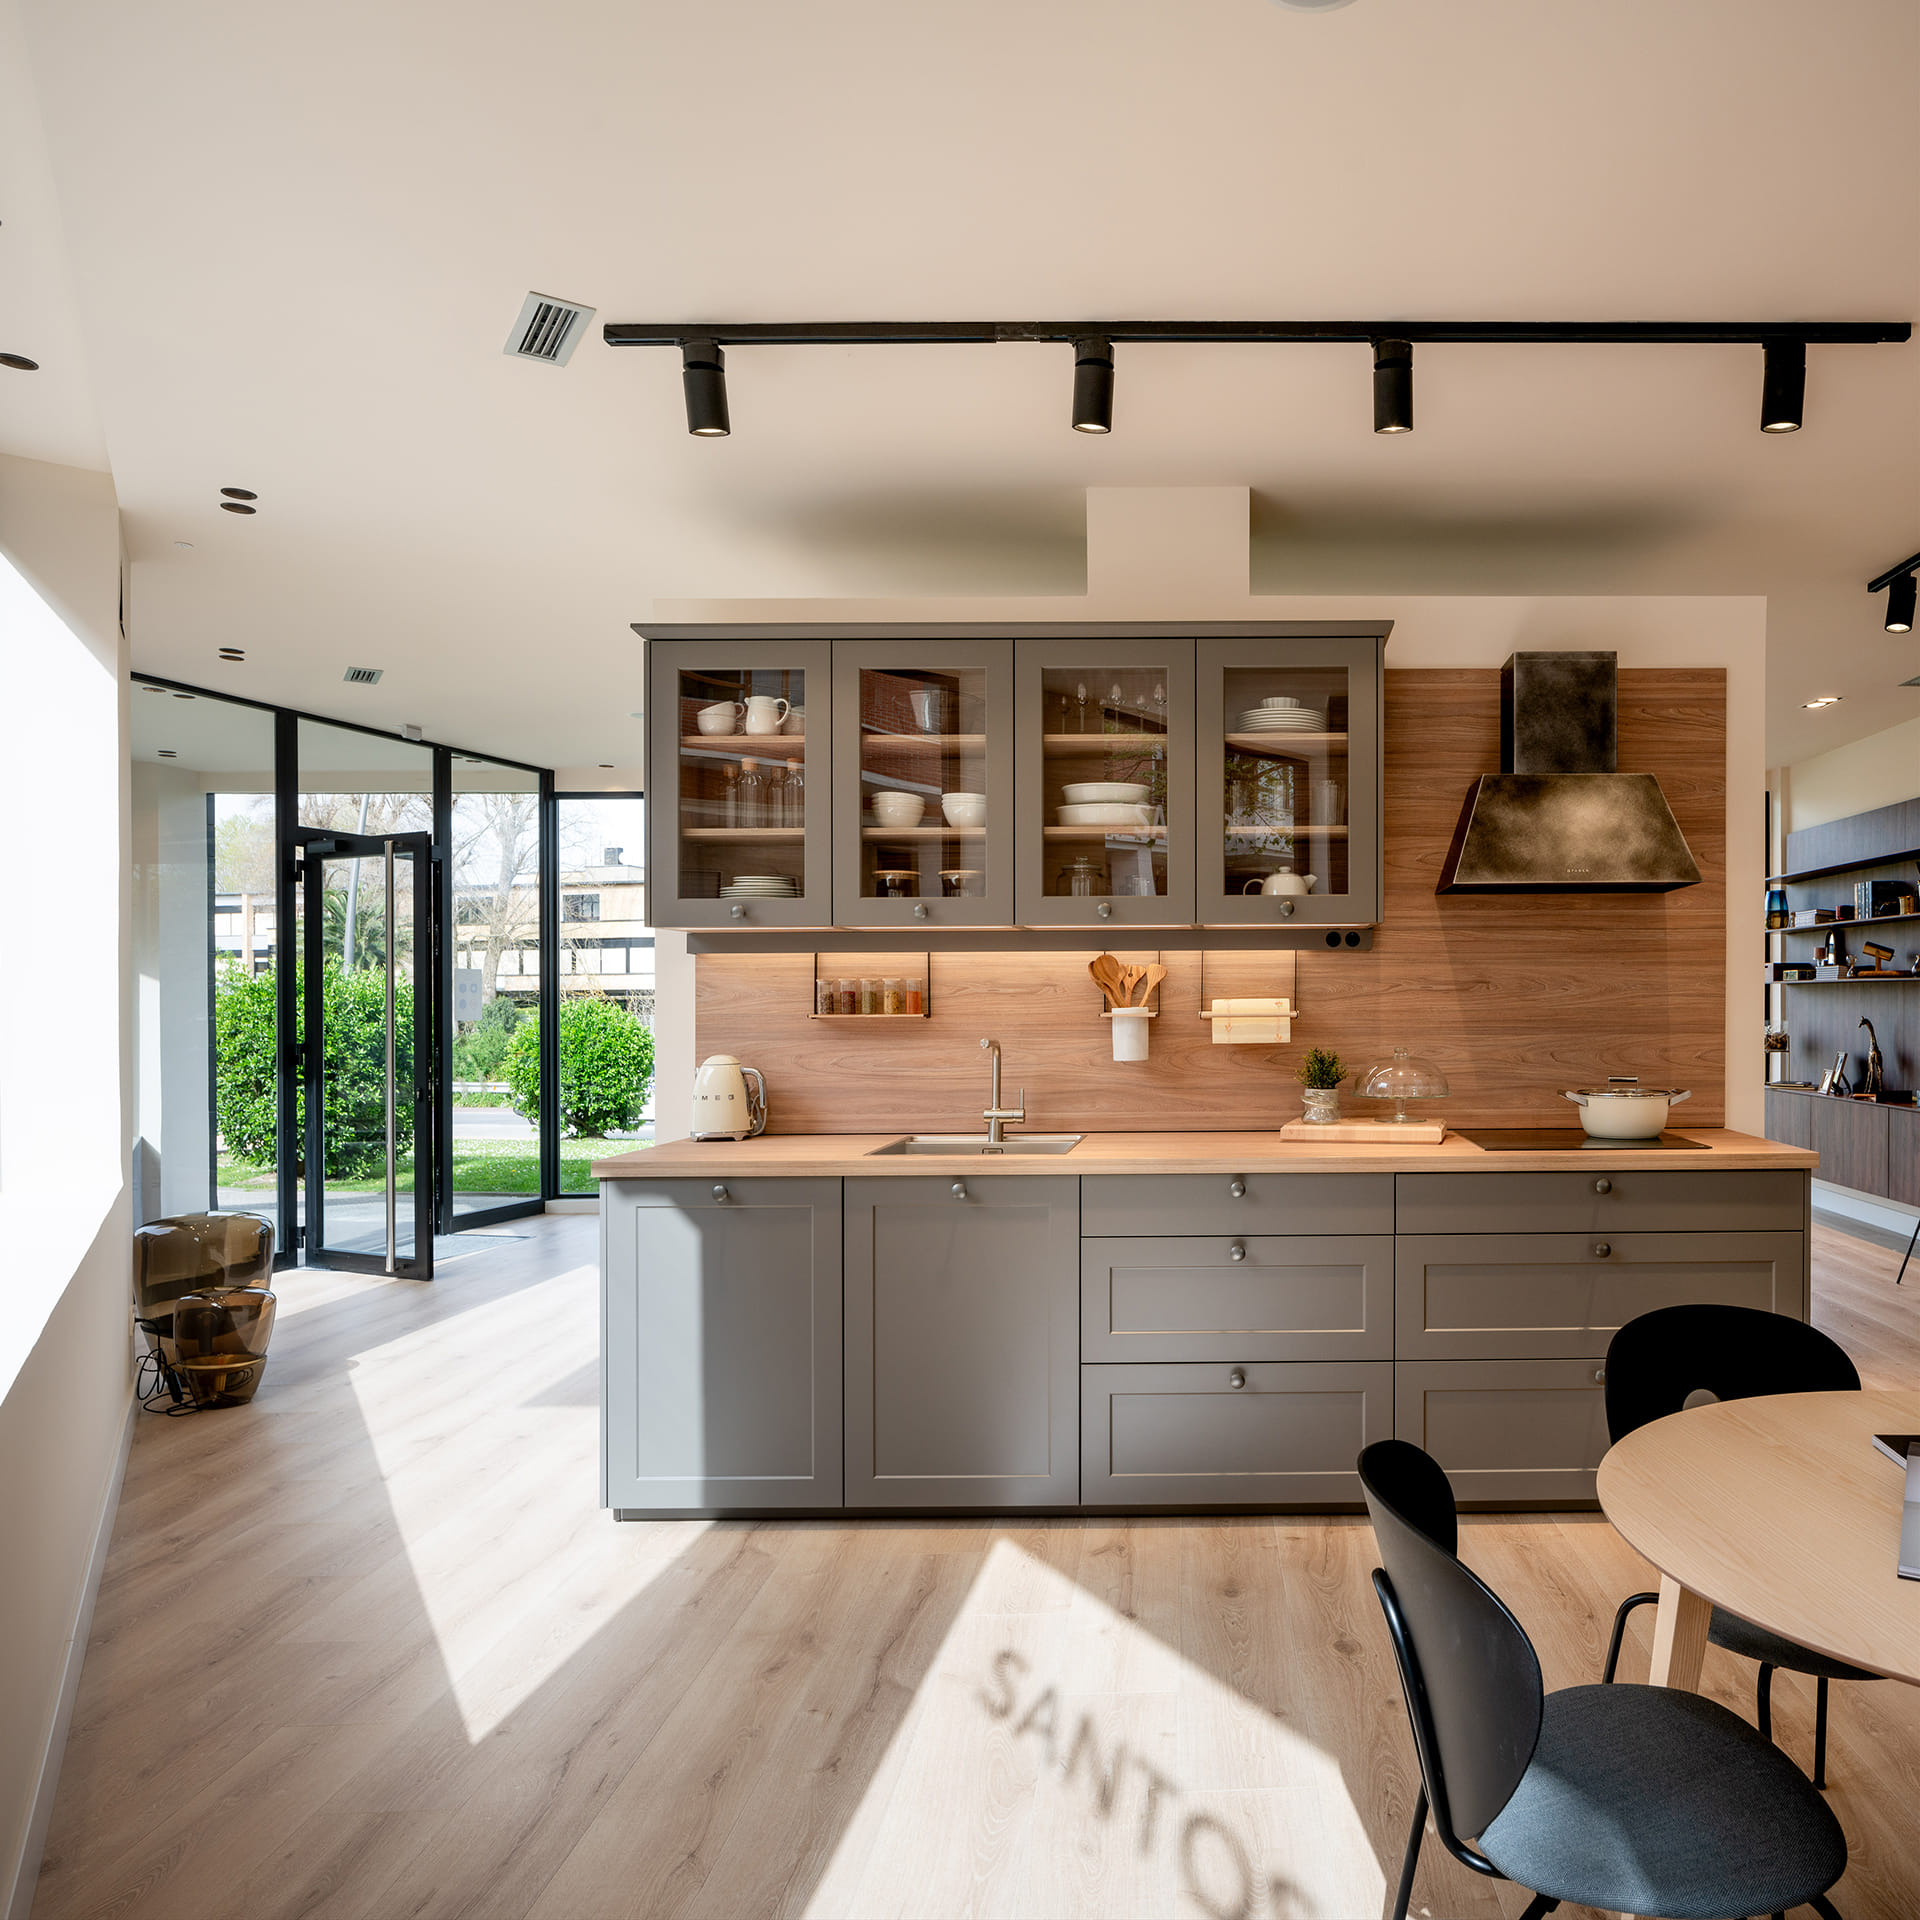 Cozinha com prateleiras e acabamento em madeira